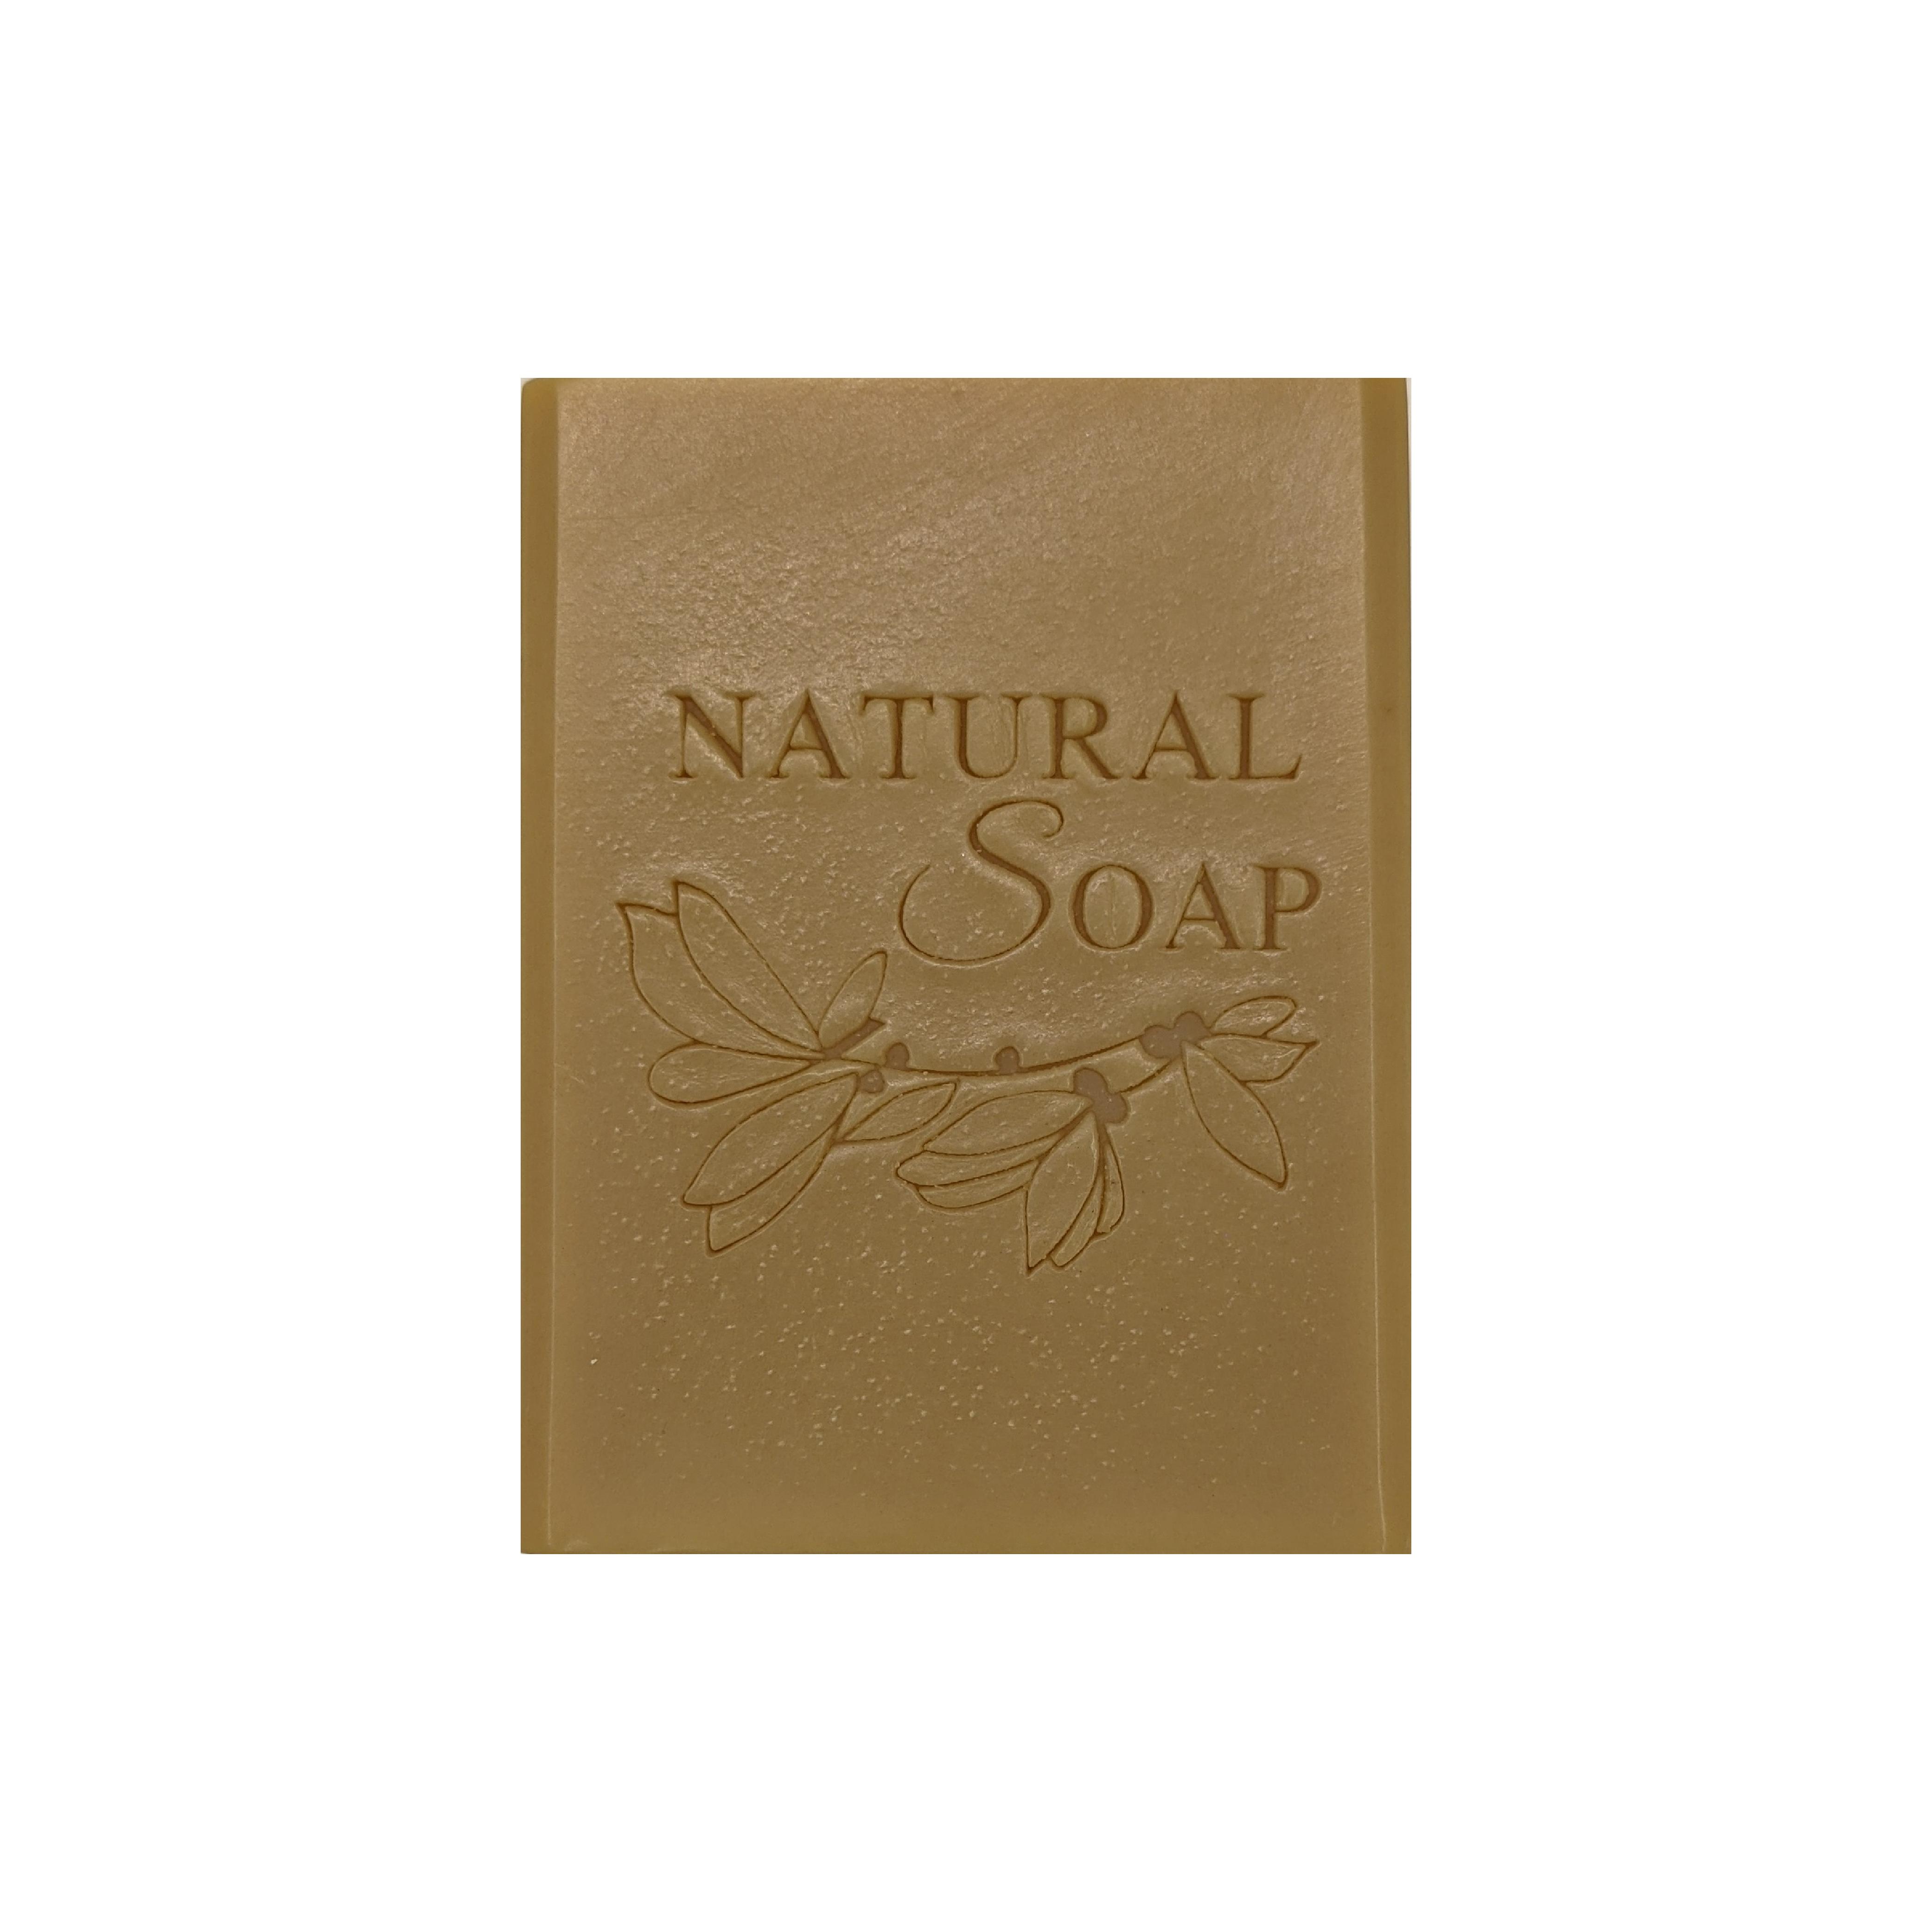 夏日季節皂 -【橙花親膚洗顏皂】- 手工皂 售完不補